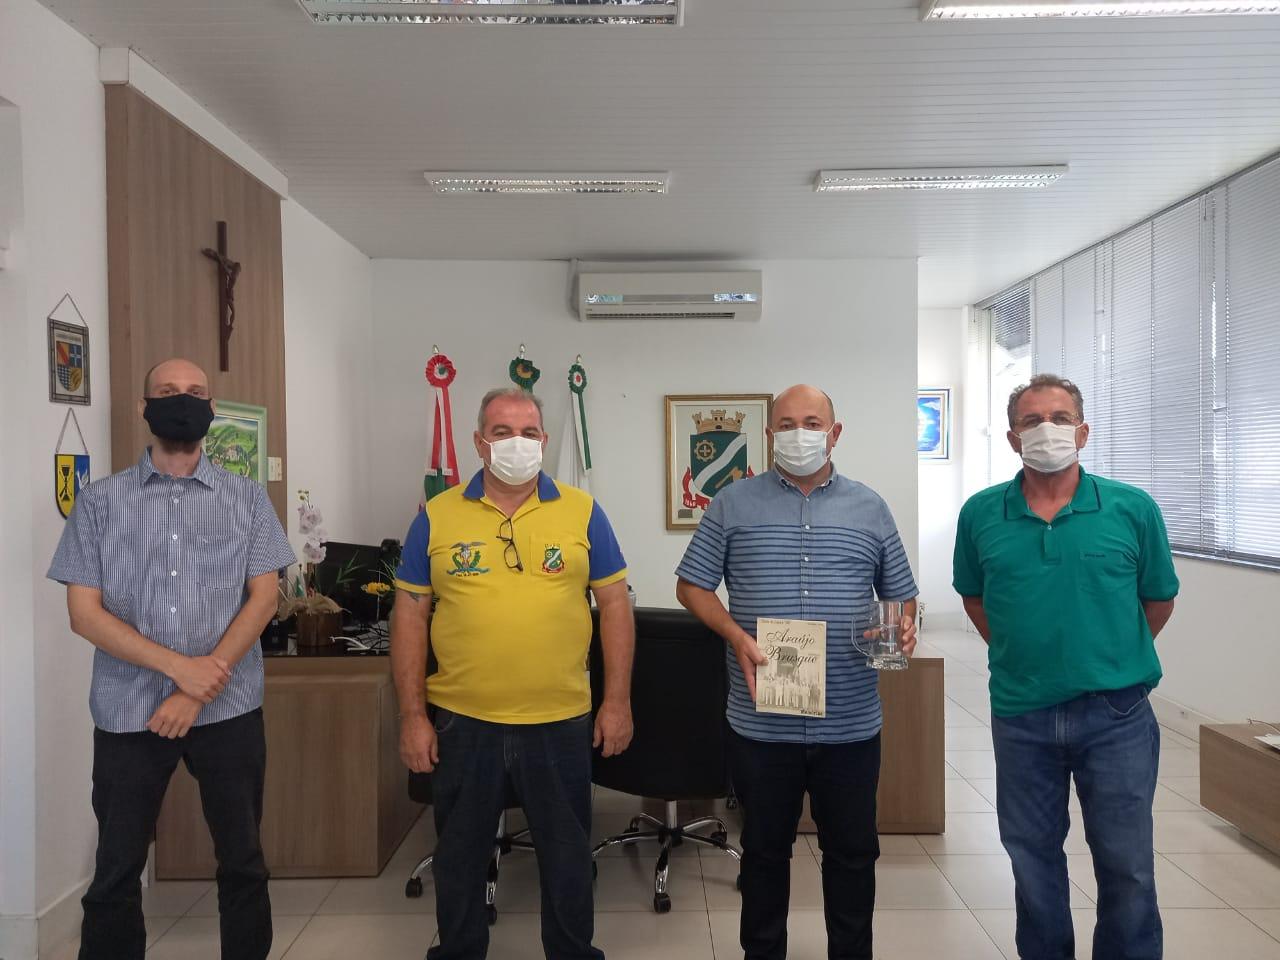 Diretoria do Caça e Tiro Araújo Brusque se reúne com o prefeito de Brusque para tratar dos 155 anos da entidade